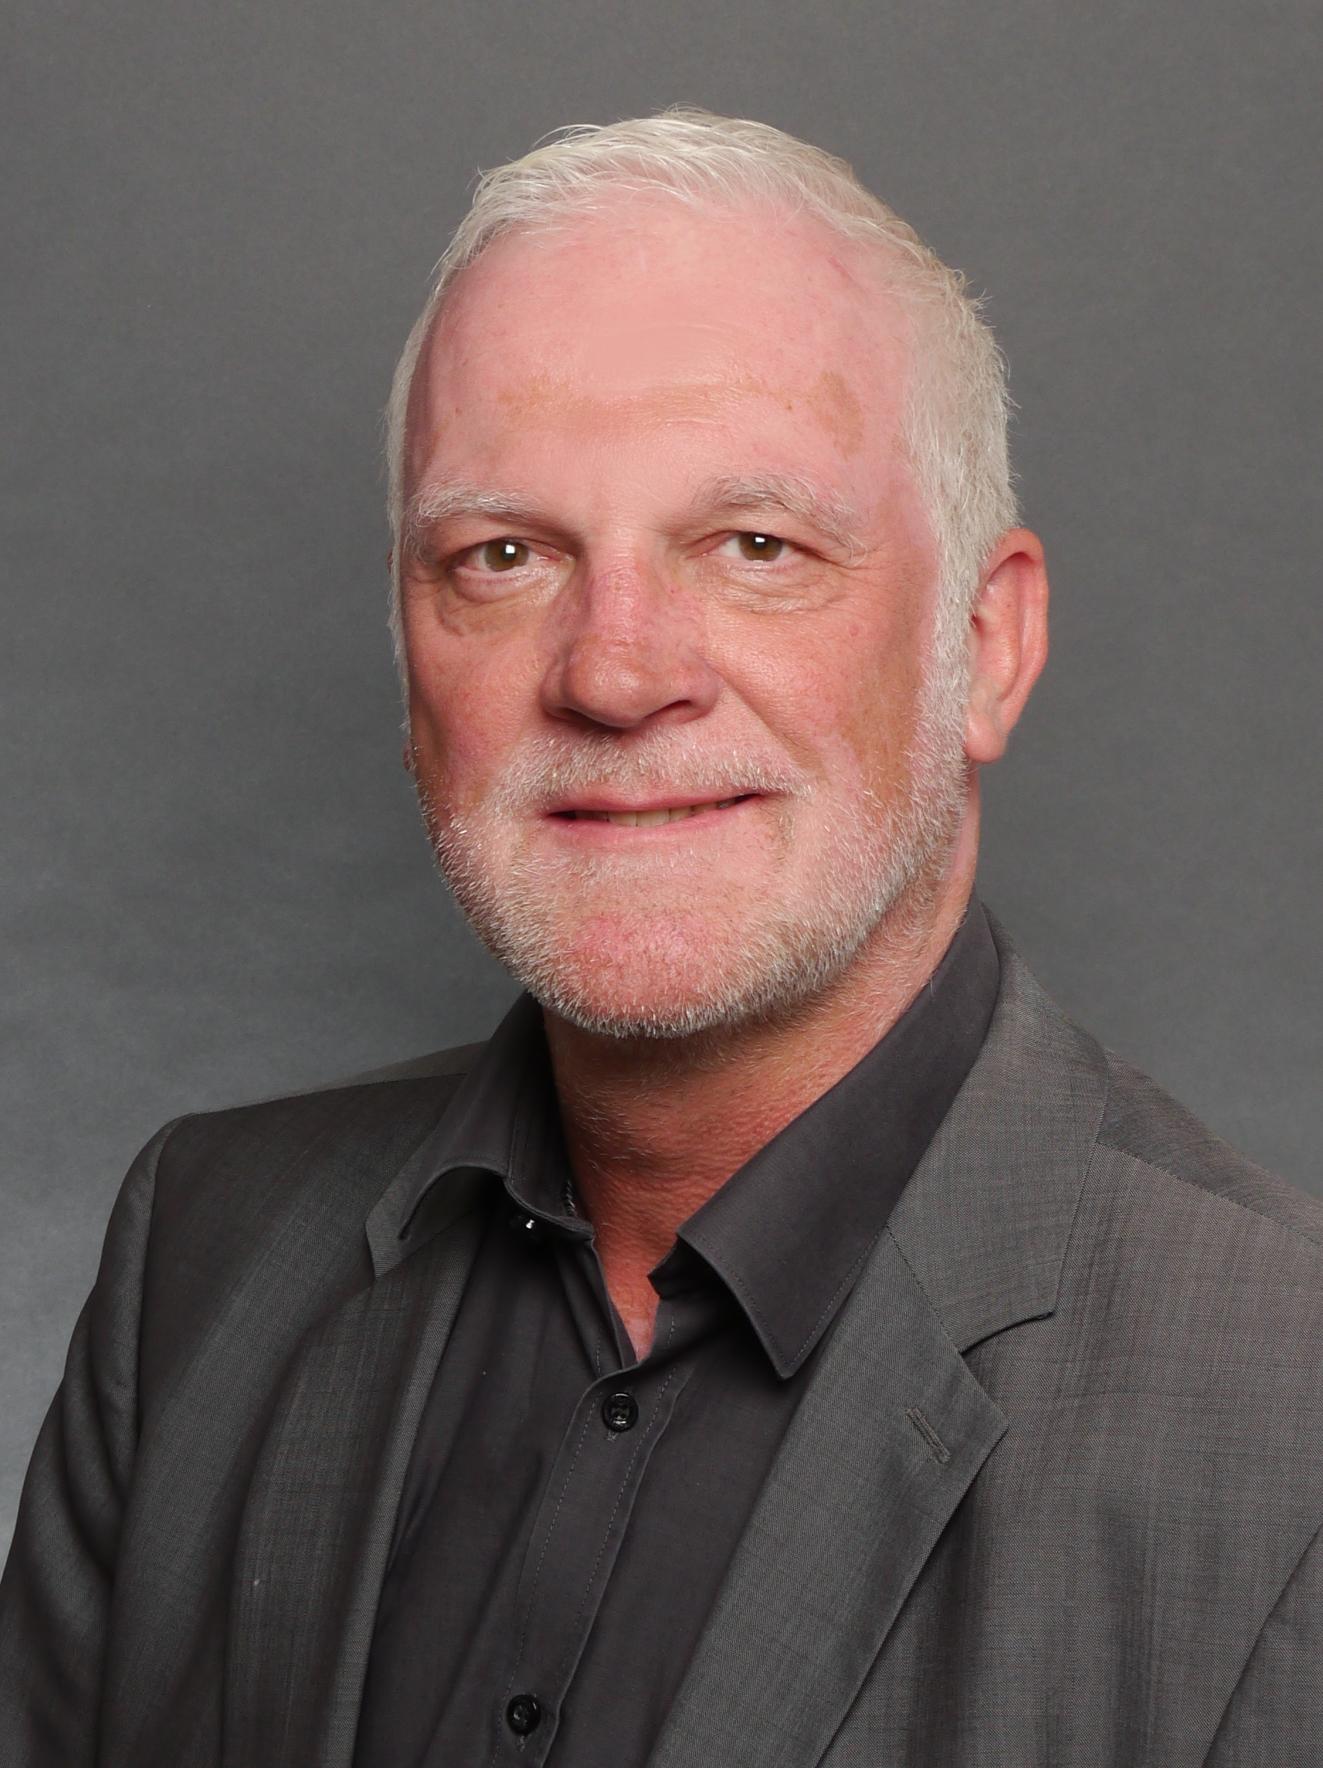 Jörg Bellinghausen